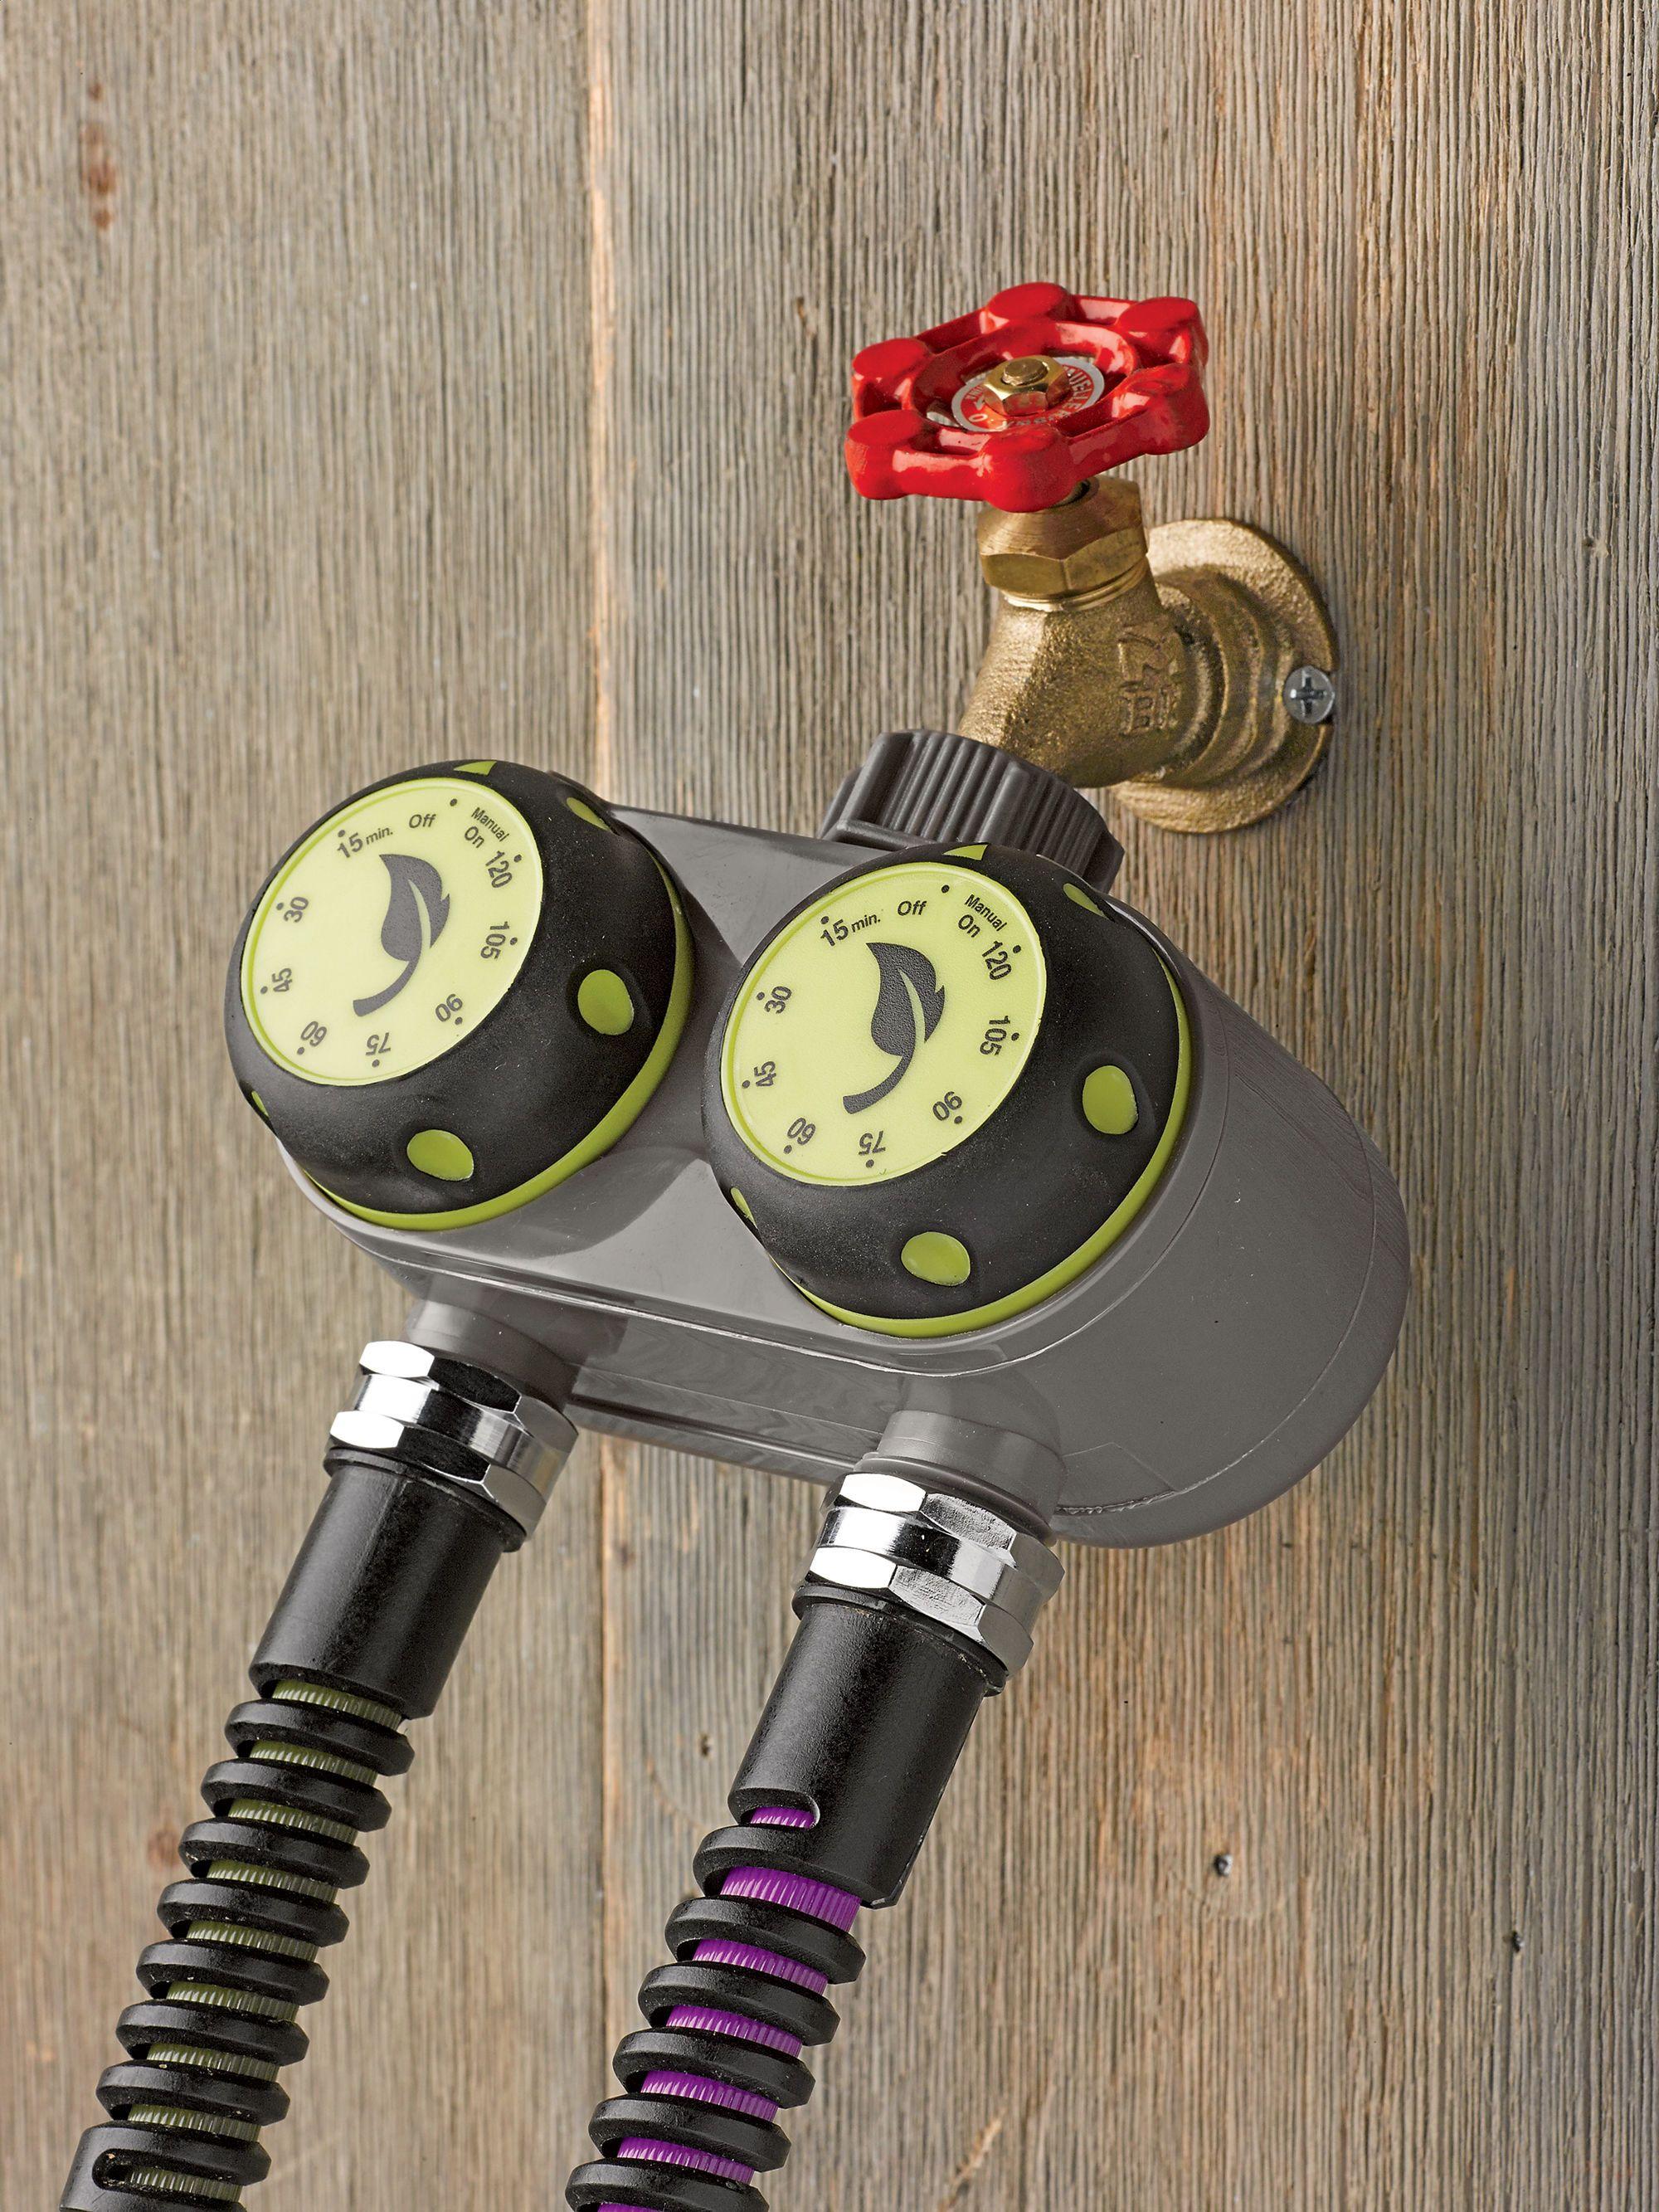 snip n drip soaker hose watering system